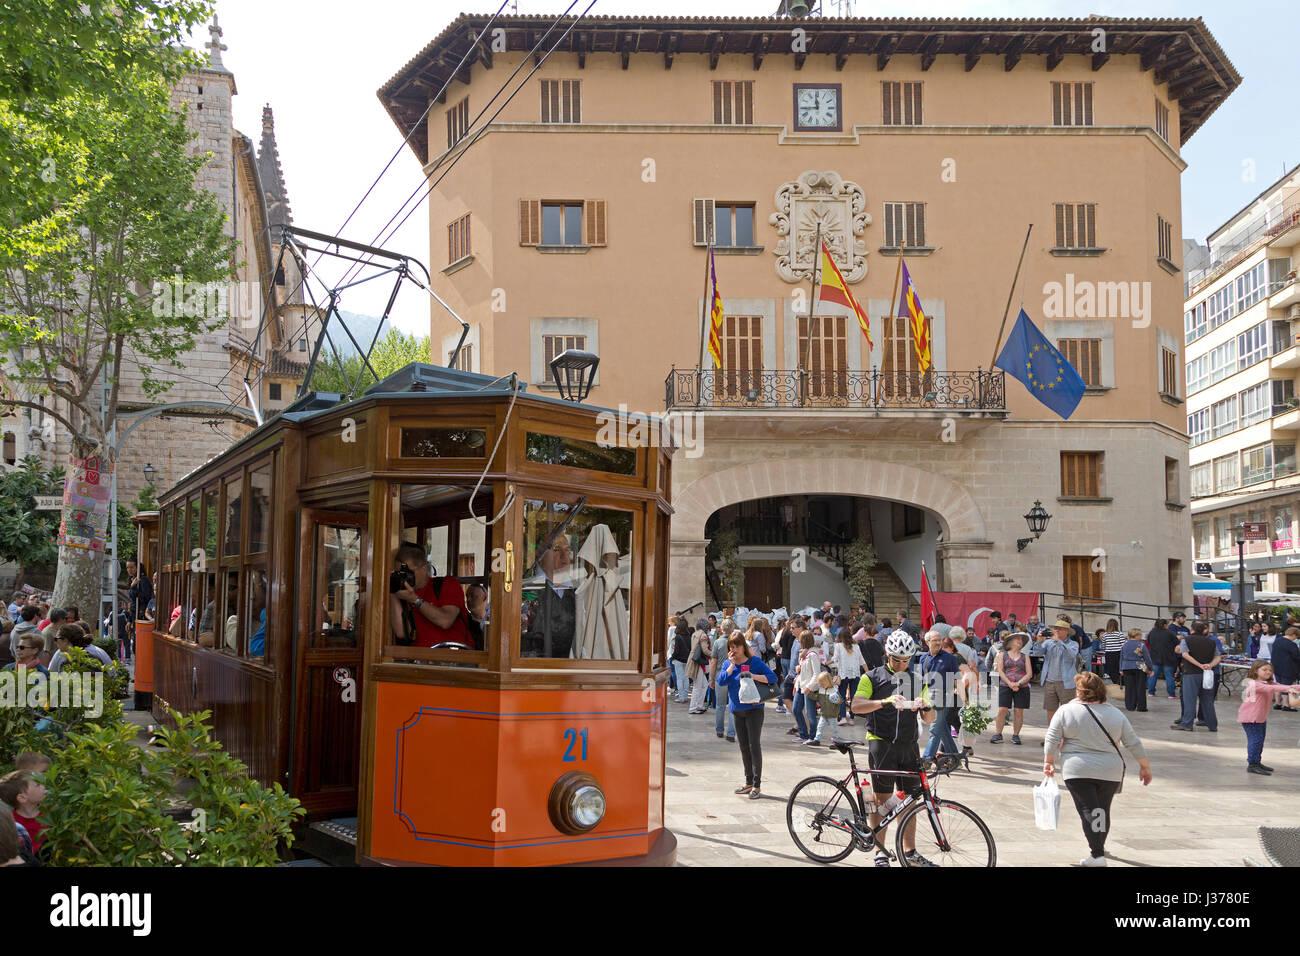 Straßenbahn vor dem Rathaus von Sóller, Mallorca, Spanien Stockbild